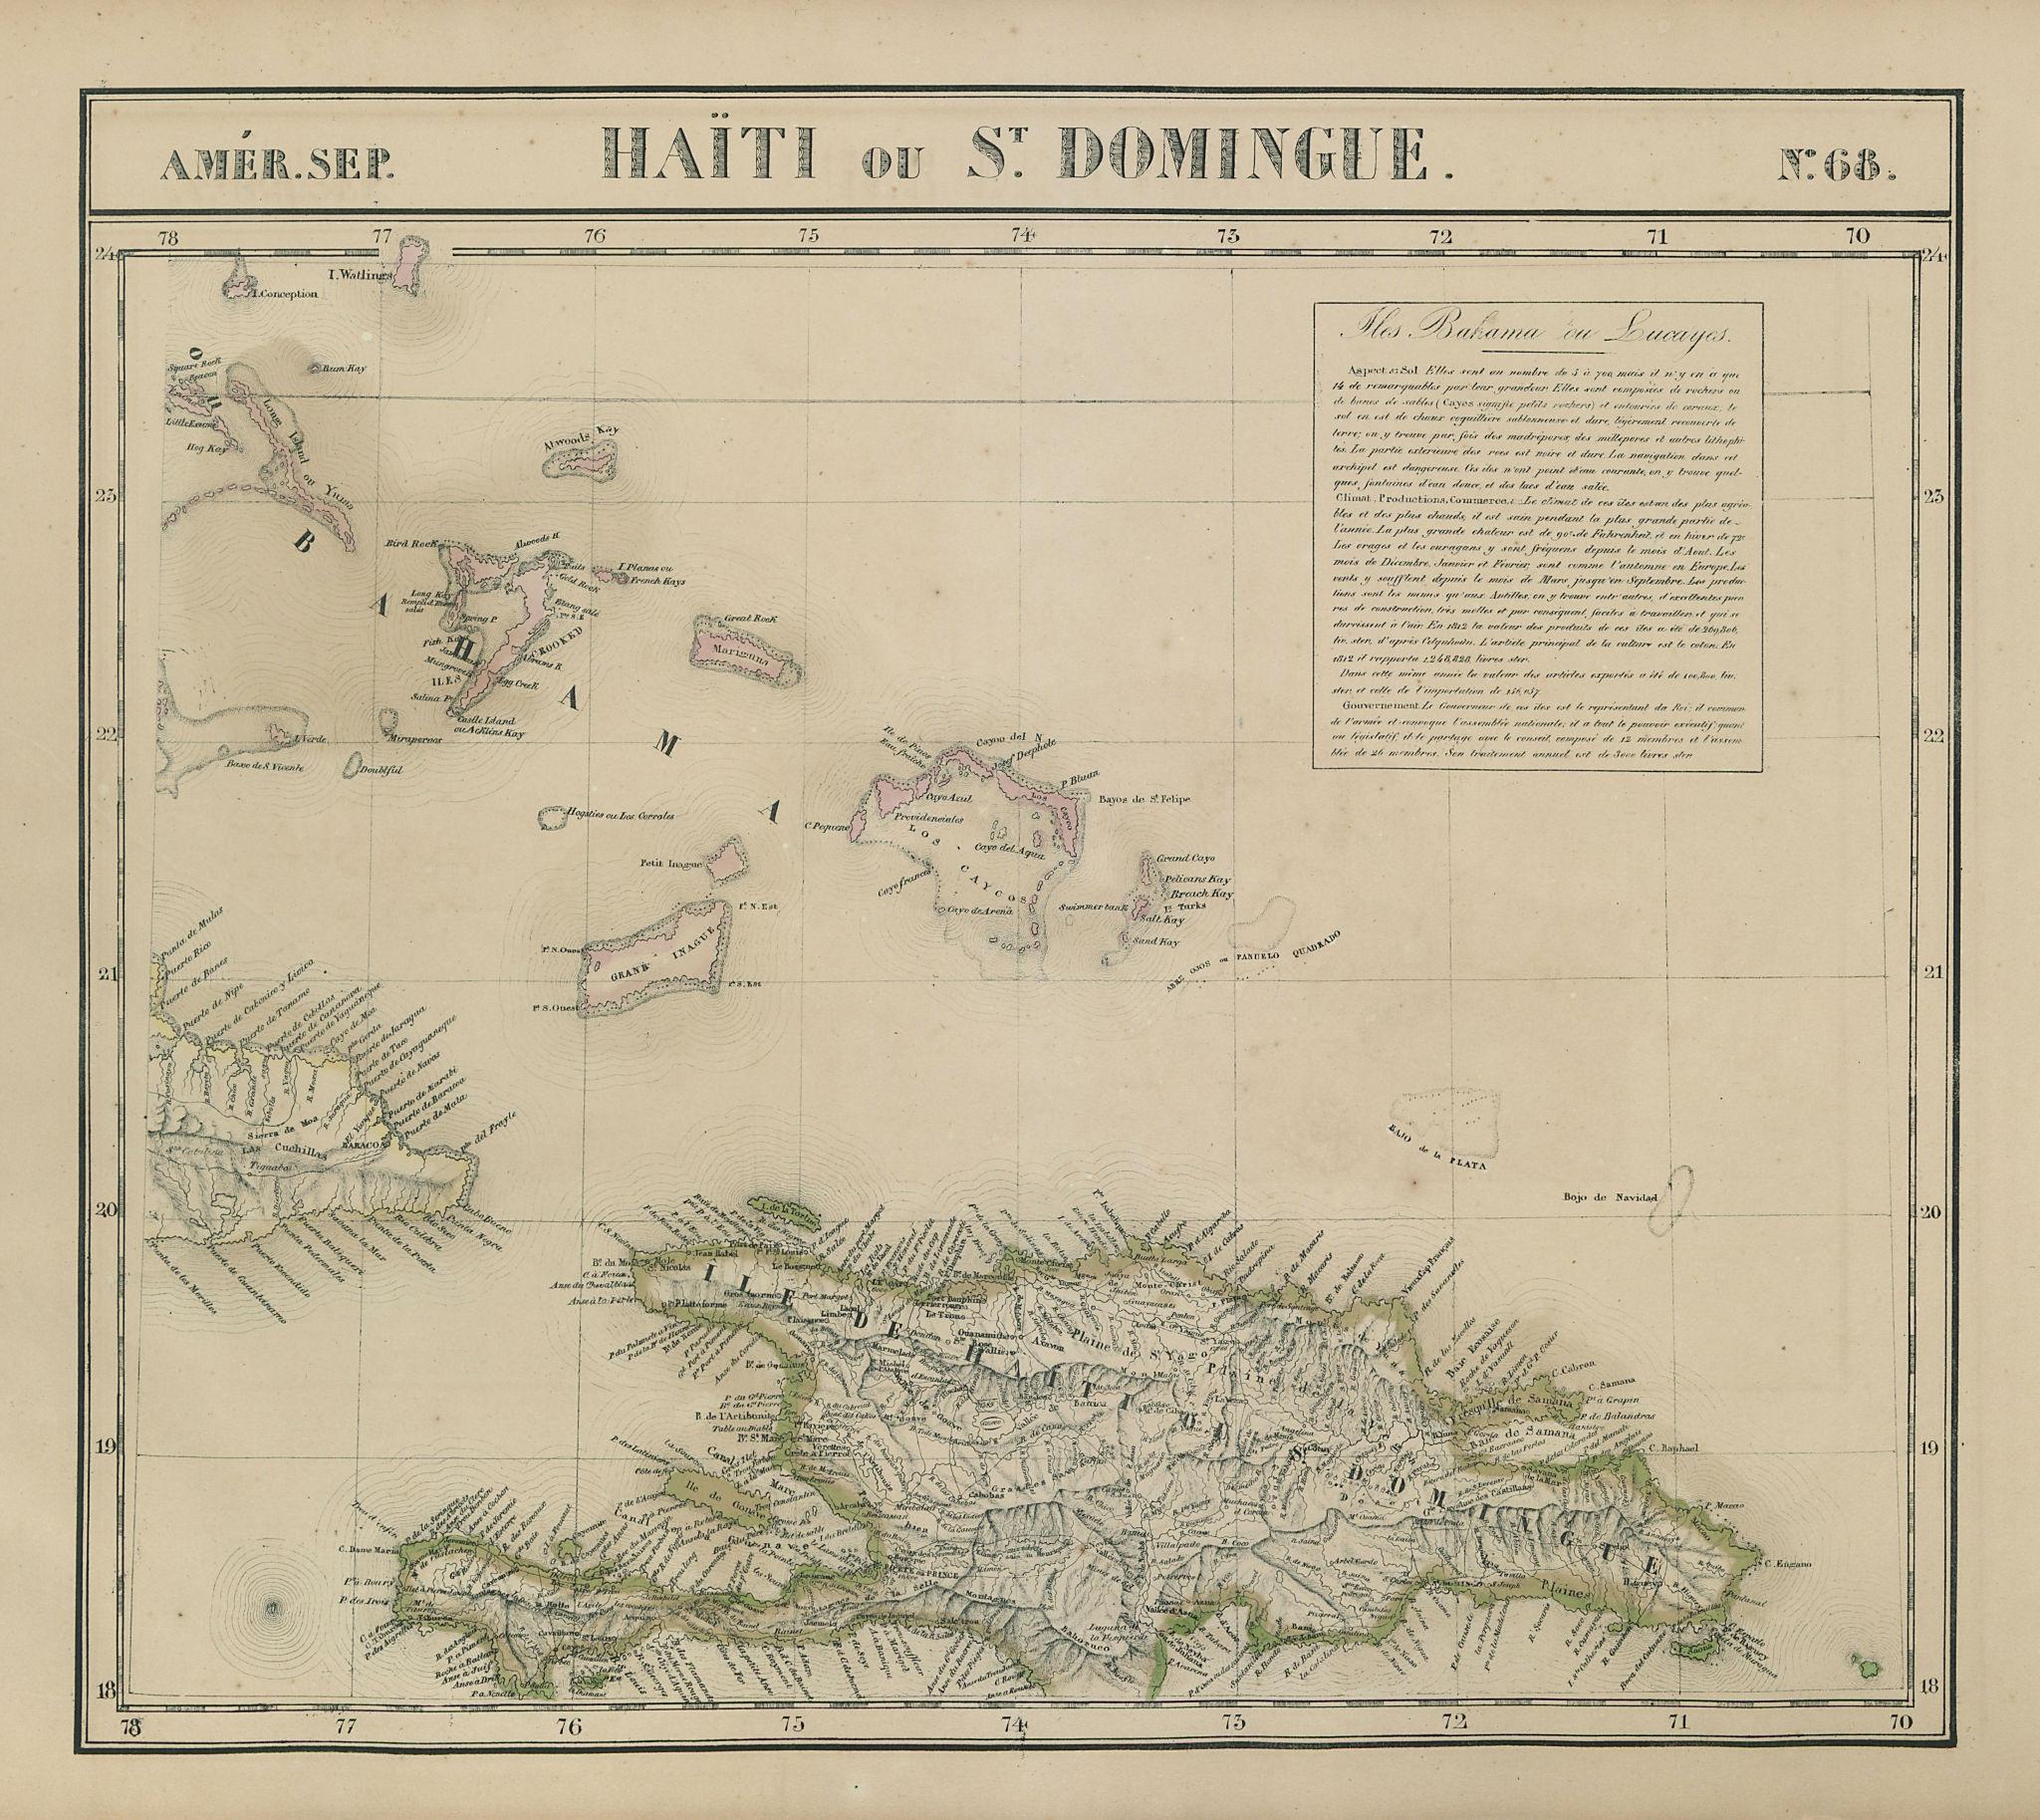 Amér Sep Haiti Domingue 68 Hispaniola Turks Caicos Bahamas VANDERMAELEN 1827 map